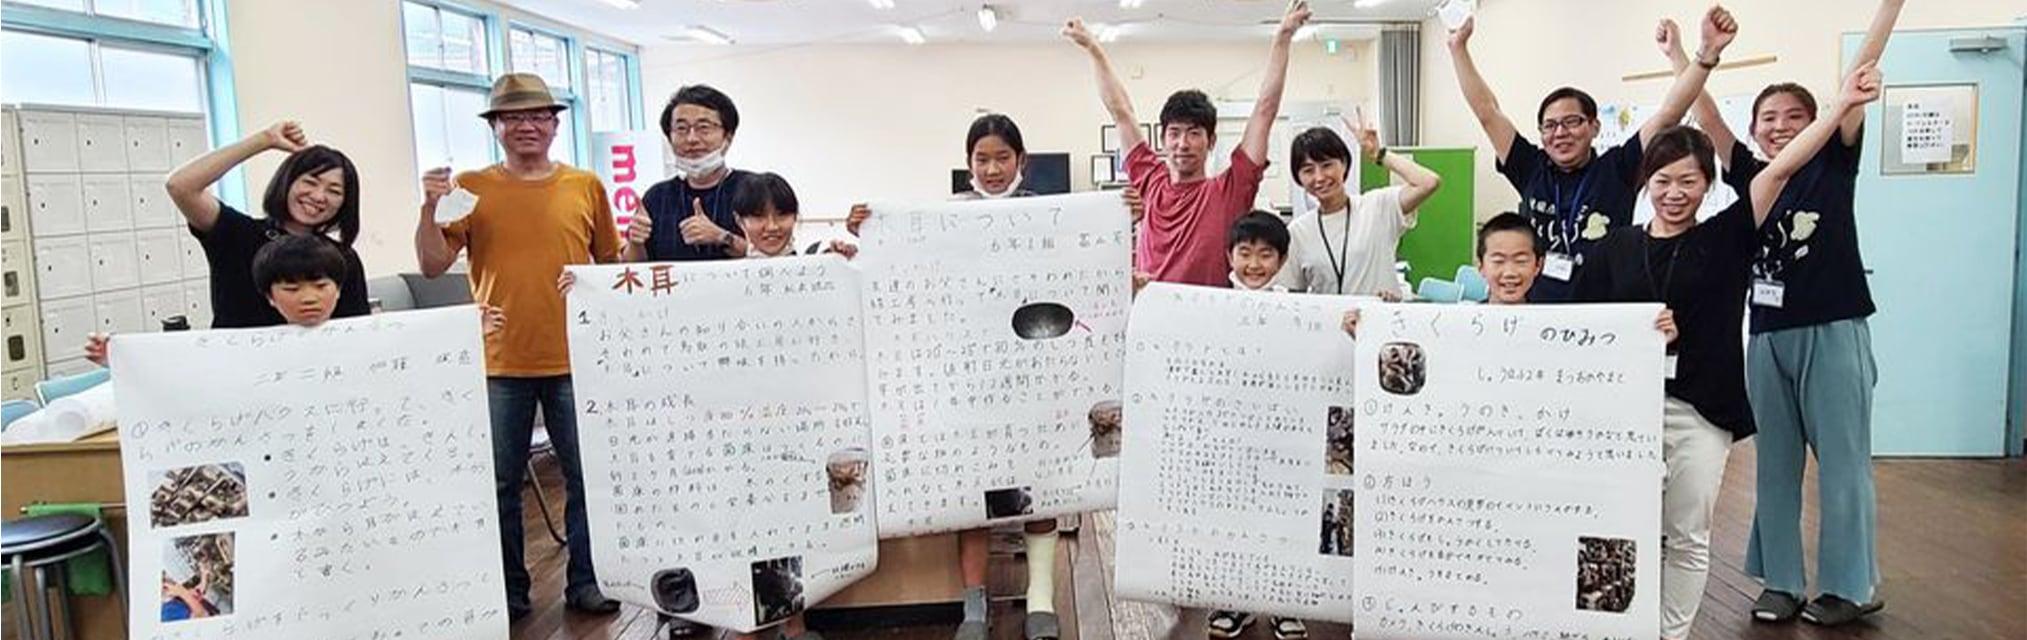 2002年8月9日 緑工房が開催した自由研究が半日で完成するきくらげ自由研究イベント 小学生と親御さんとスタッフの集合写真